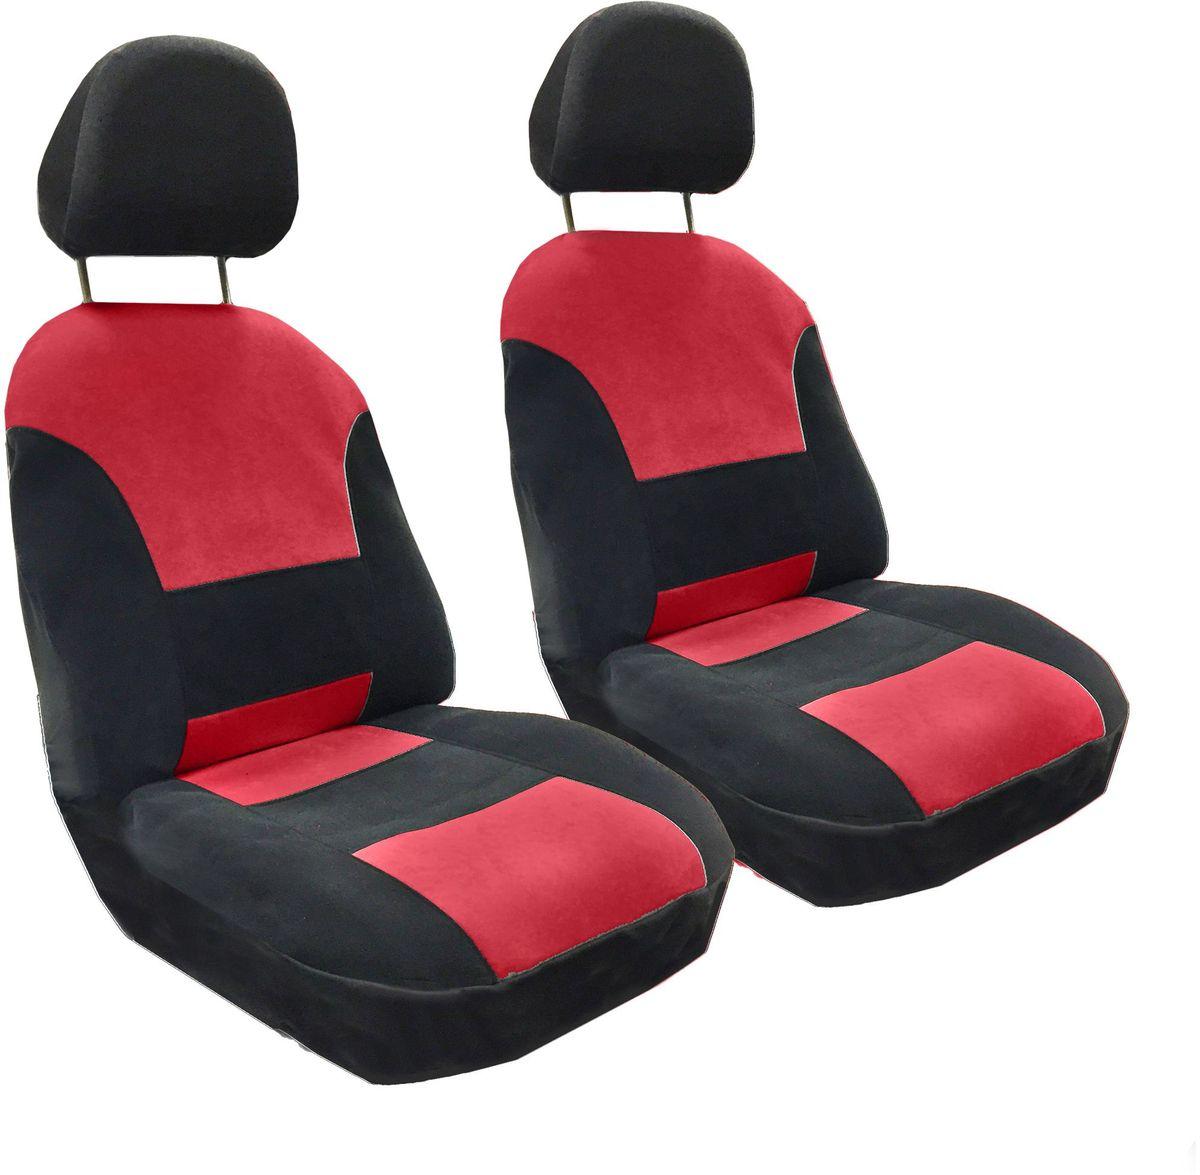 Набор автомобильных чехлов Auto Premium Флагман, цвет: черный, красный, 4 предмета57103Комплект универсальных чехлов Auto Premium Флагман выполнен из велюра, предназначен для передних кресел автомобиля. На задней спинке чехла расположен вшивной карман. В комплект входят съемные чехлы для подголовников. Практичный и долговечный комплект чехлов для передних сидений надежно защищает сиденье водителя и пассажира от механических повреждений, загрязнений и износа.